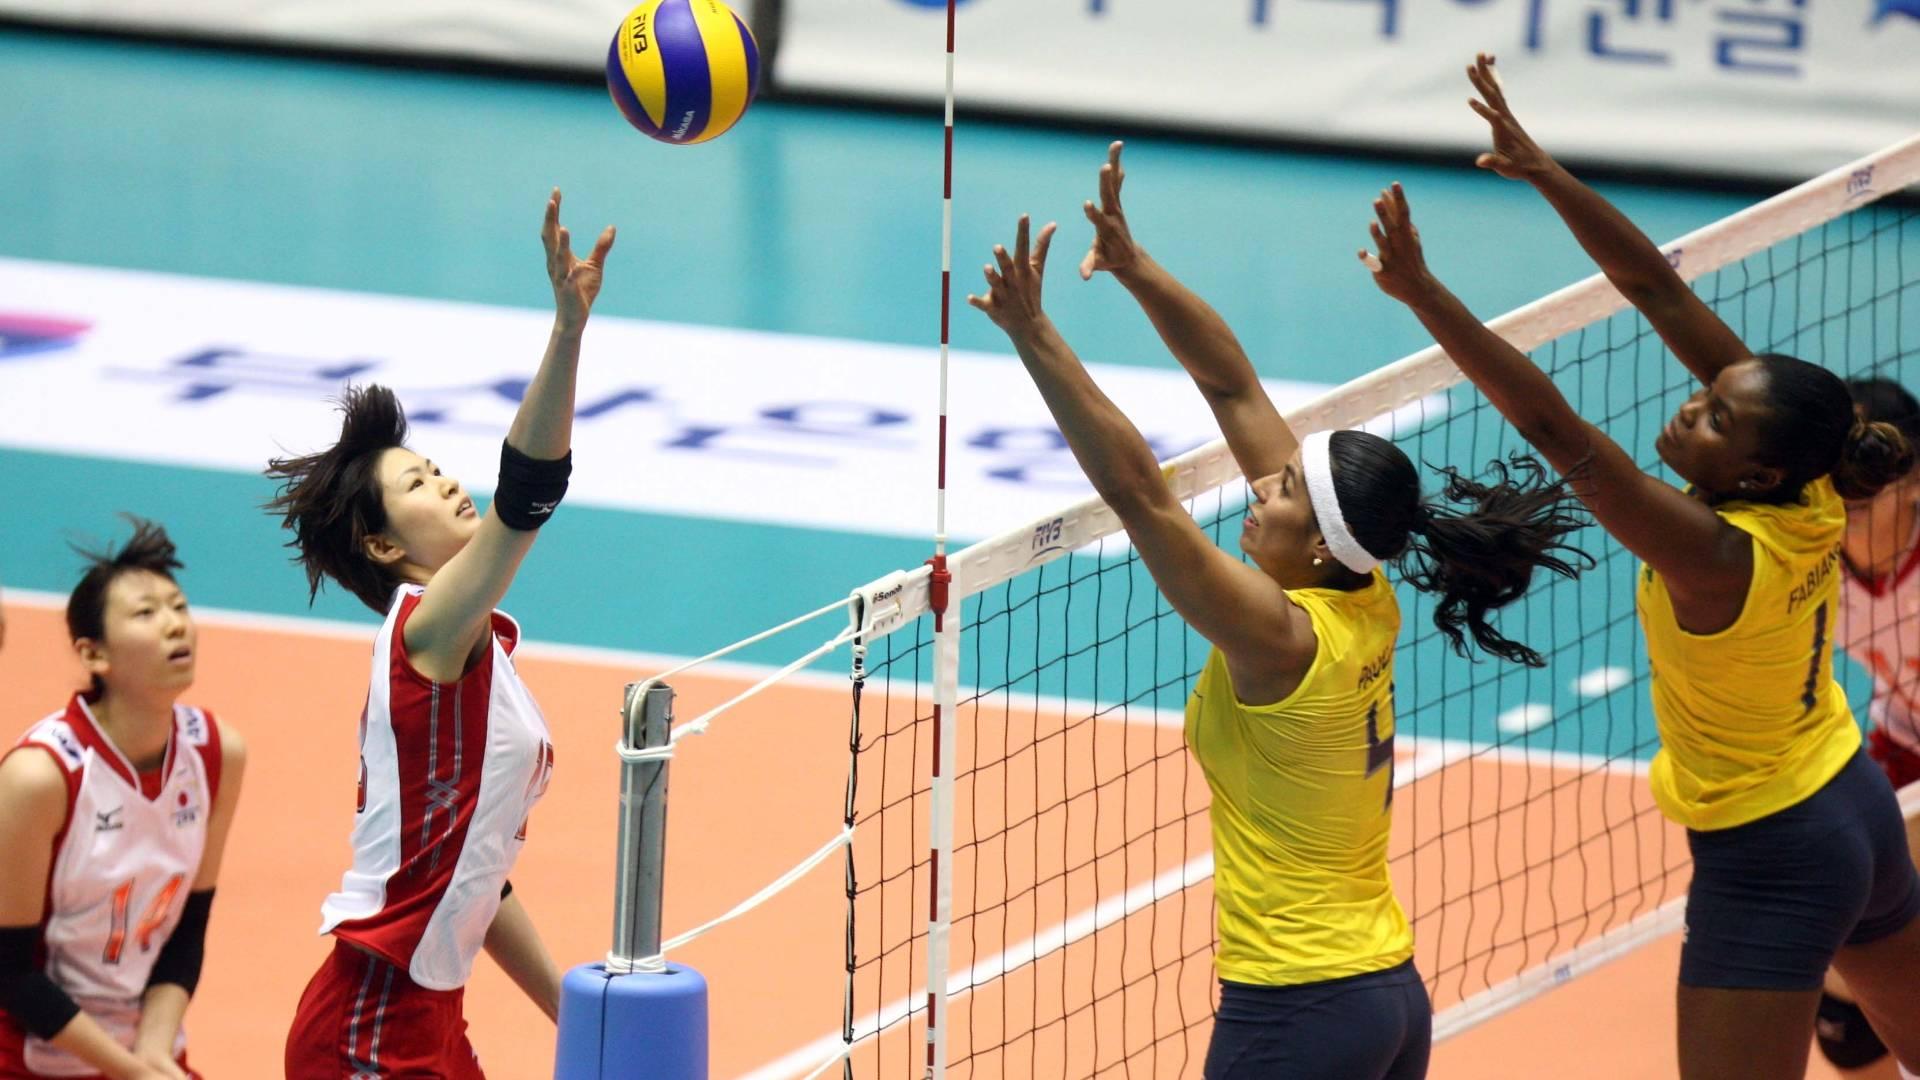 Paula Pequeno e Fabiana preparam bloqueio na vitória brasileira sobre o Japão pelo Grand Prix (05/08/2011)